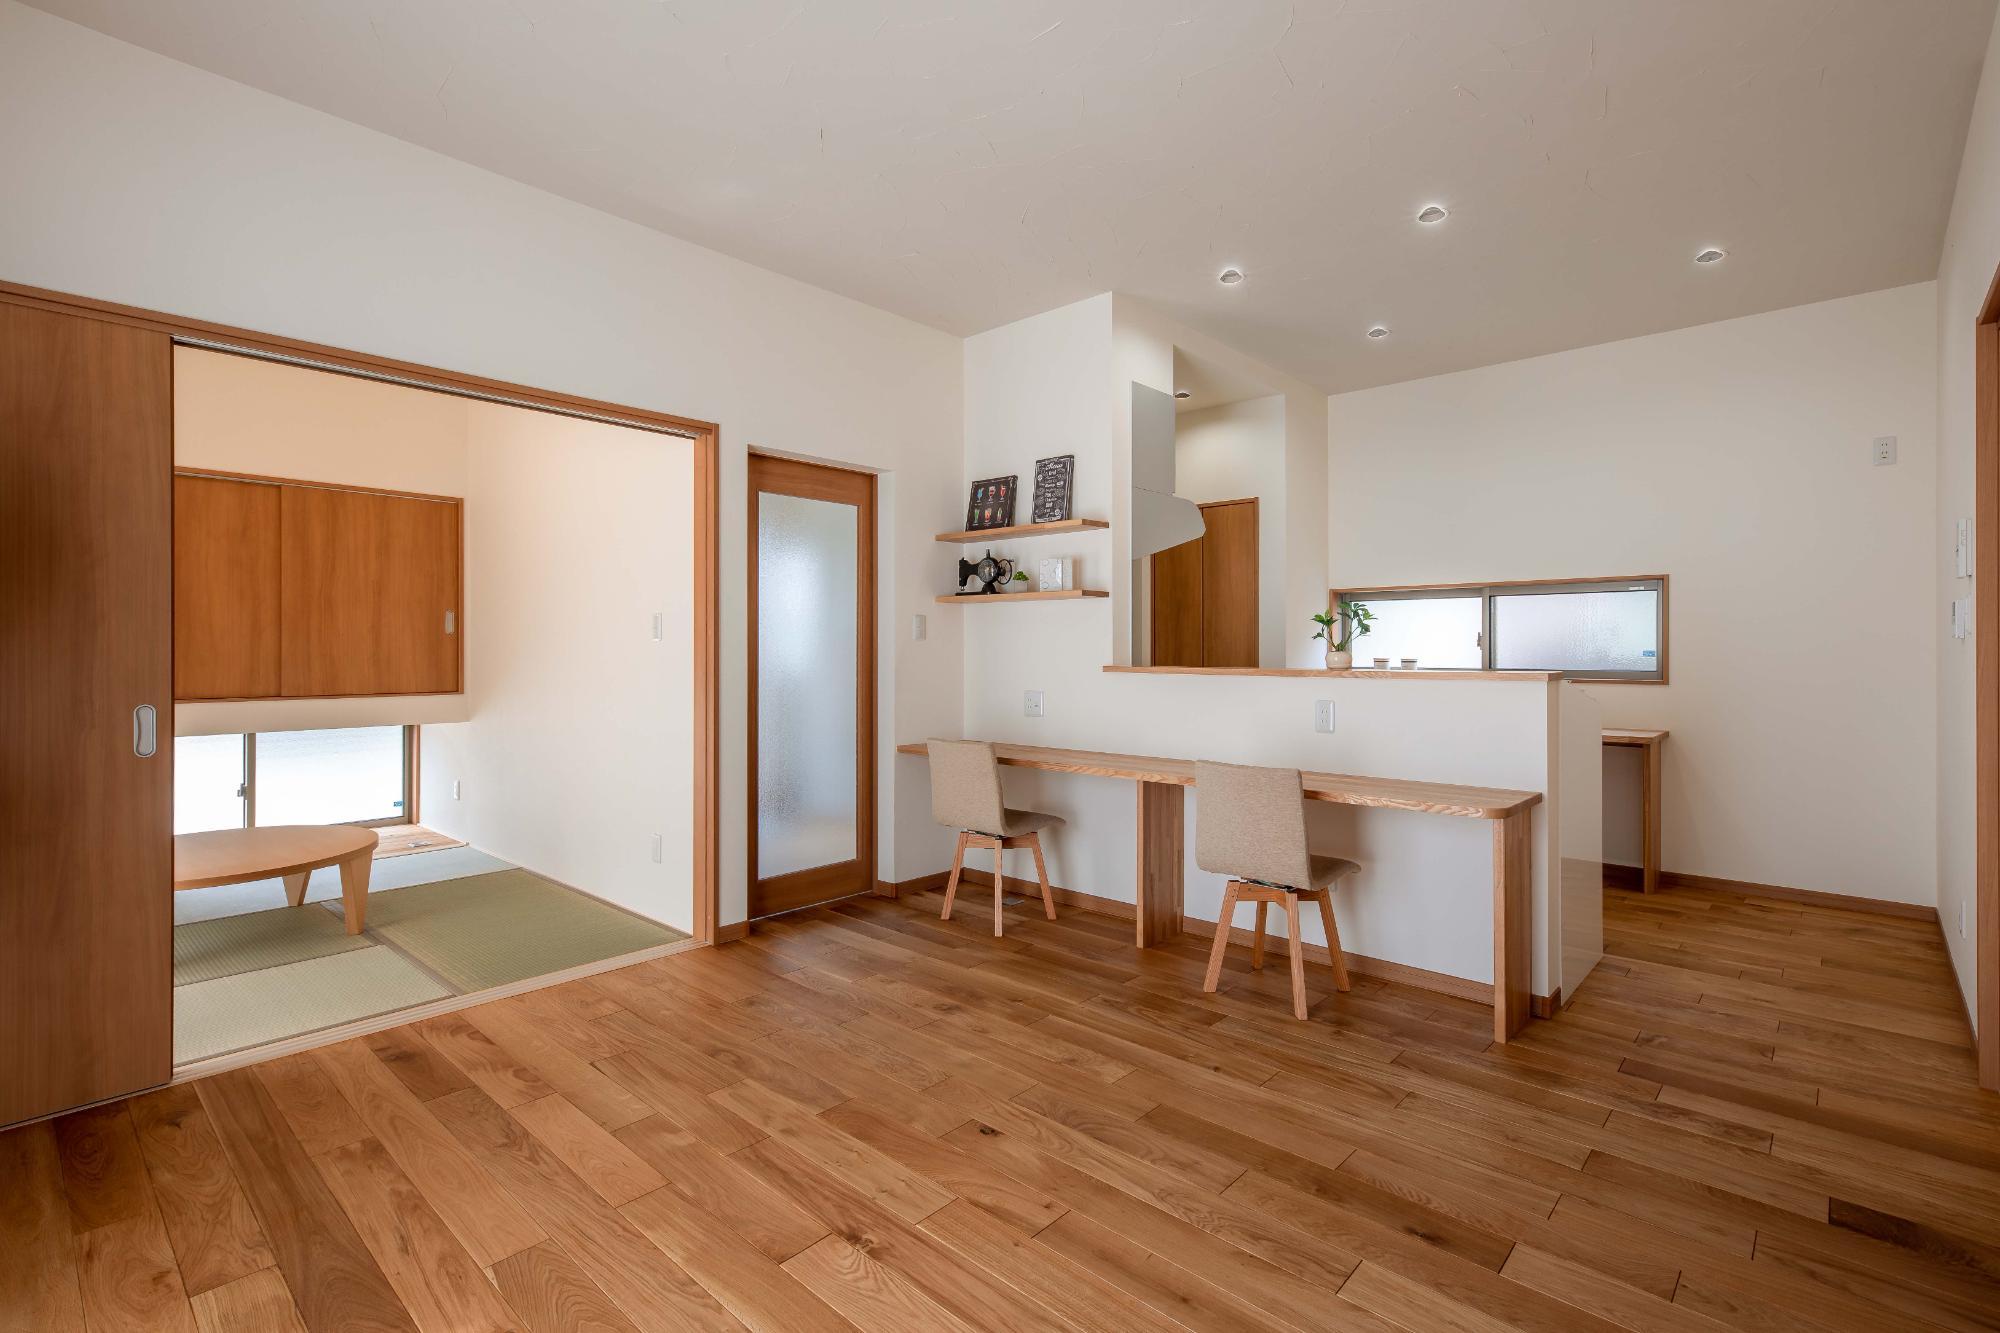 ロクワの家【株式会社 小野組 ライフビルダーグループ】「趣味を楽しみながらゆったりと暮らす家」のシンプル・ナチュラルなリビング・ダイニングの実例写真